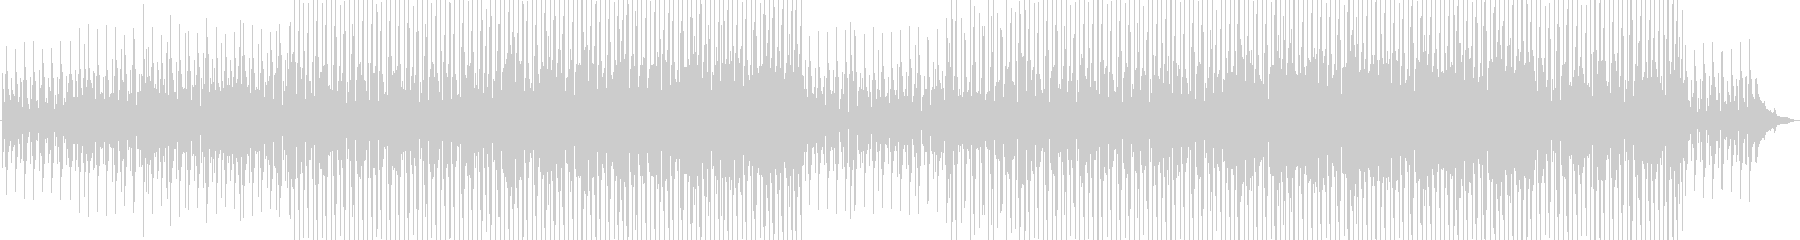 ラテンリズムでのピアノエーテル飛行...の未再生の波形